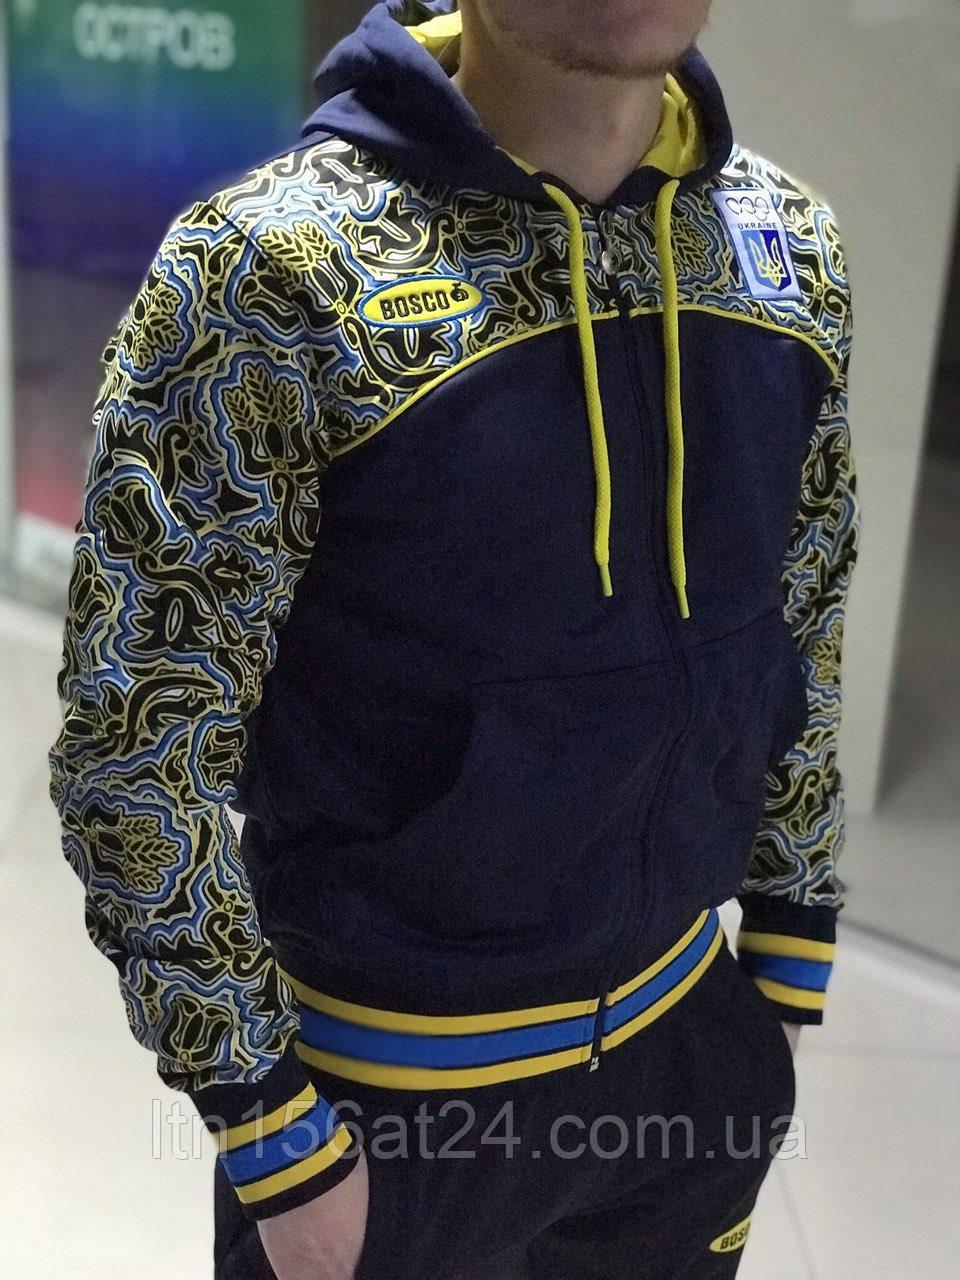 Спортивный костюм Bosco sport Ukraine. Боско спорт Украина